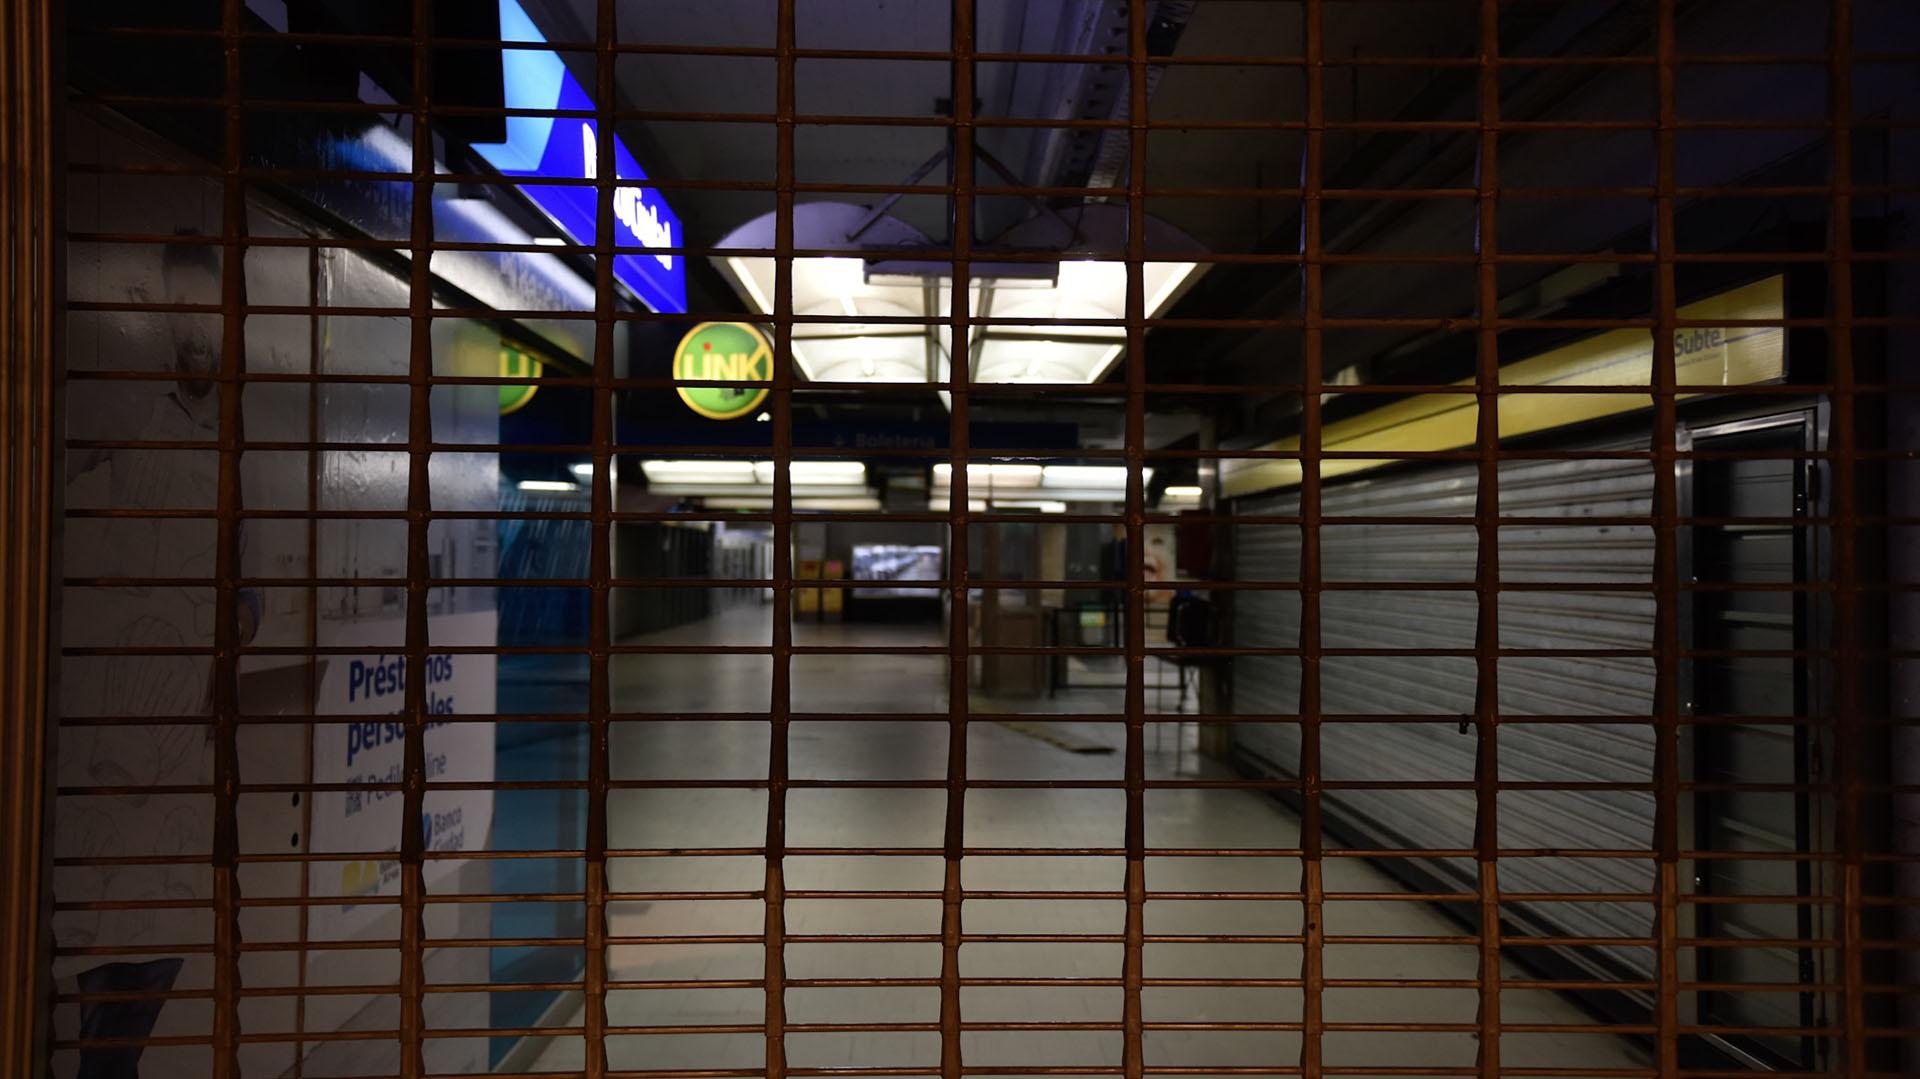 La terminal de Retiro durante el paro del 30 de abril (Adrián Escandar)